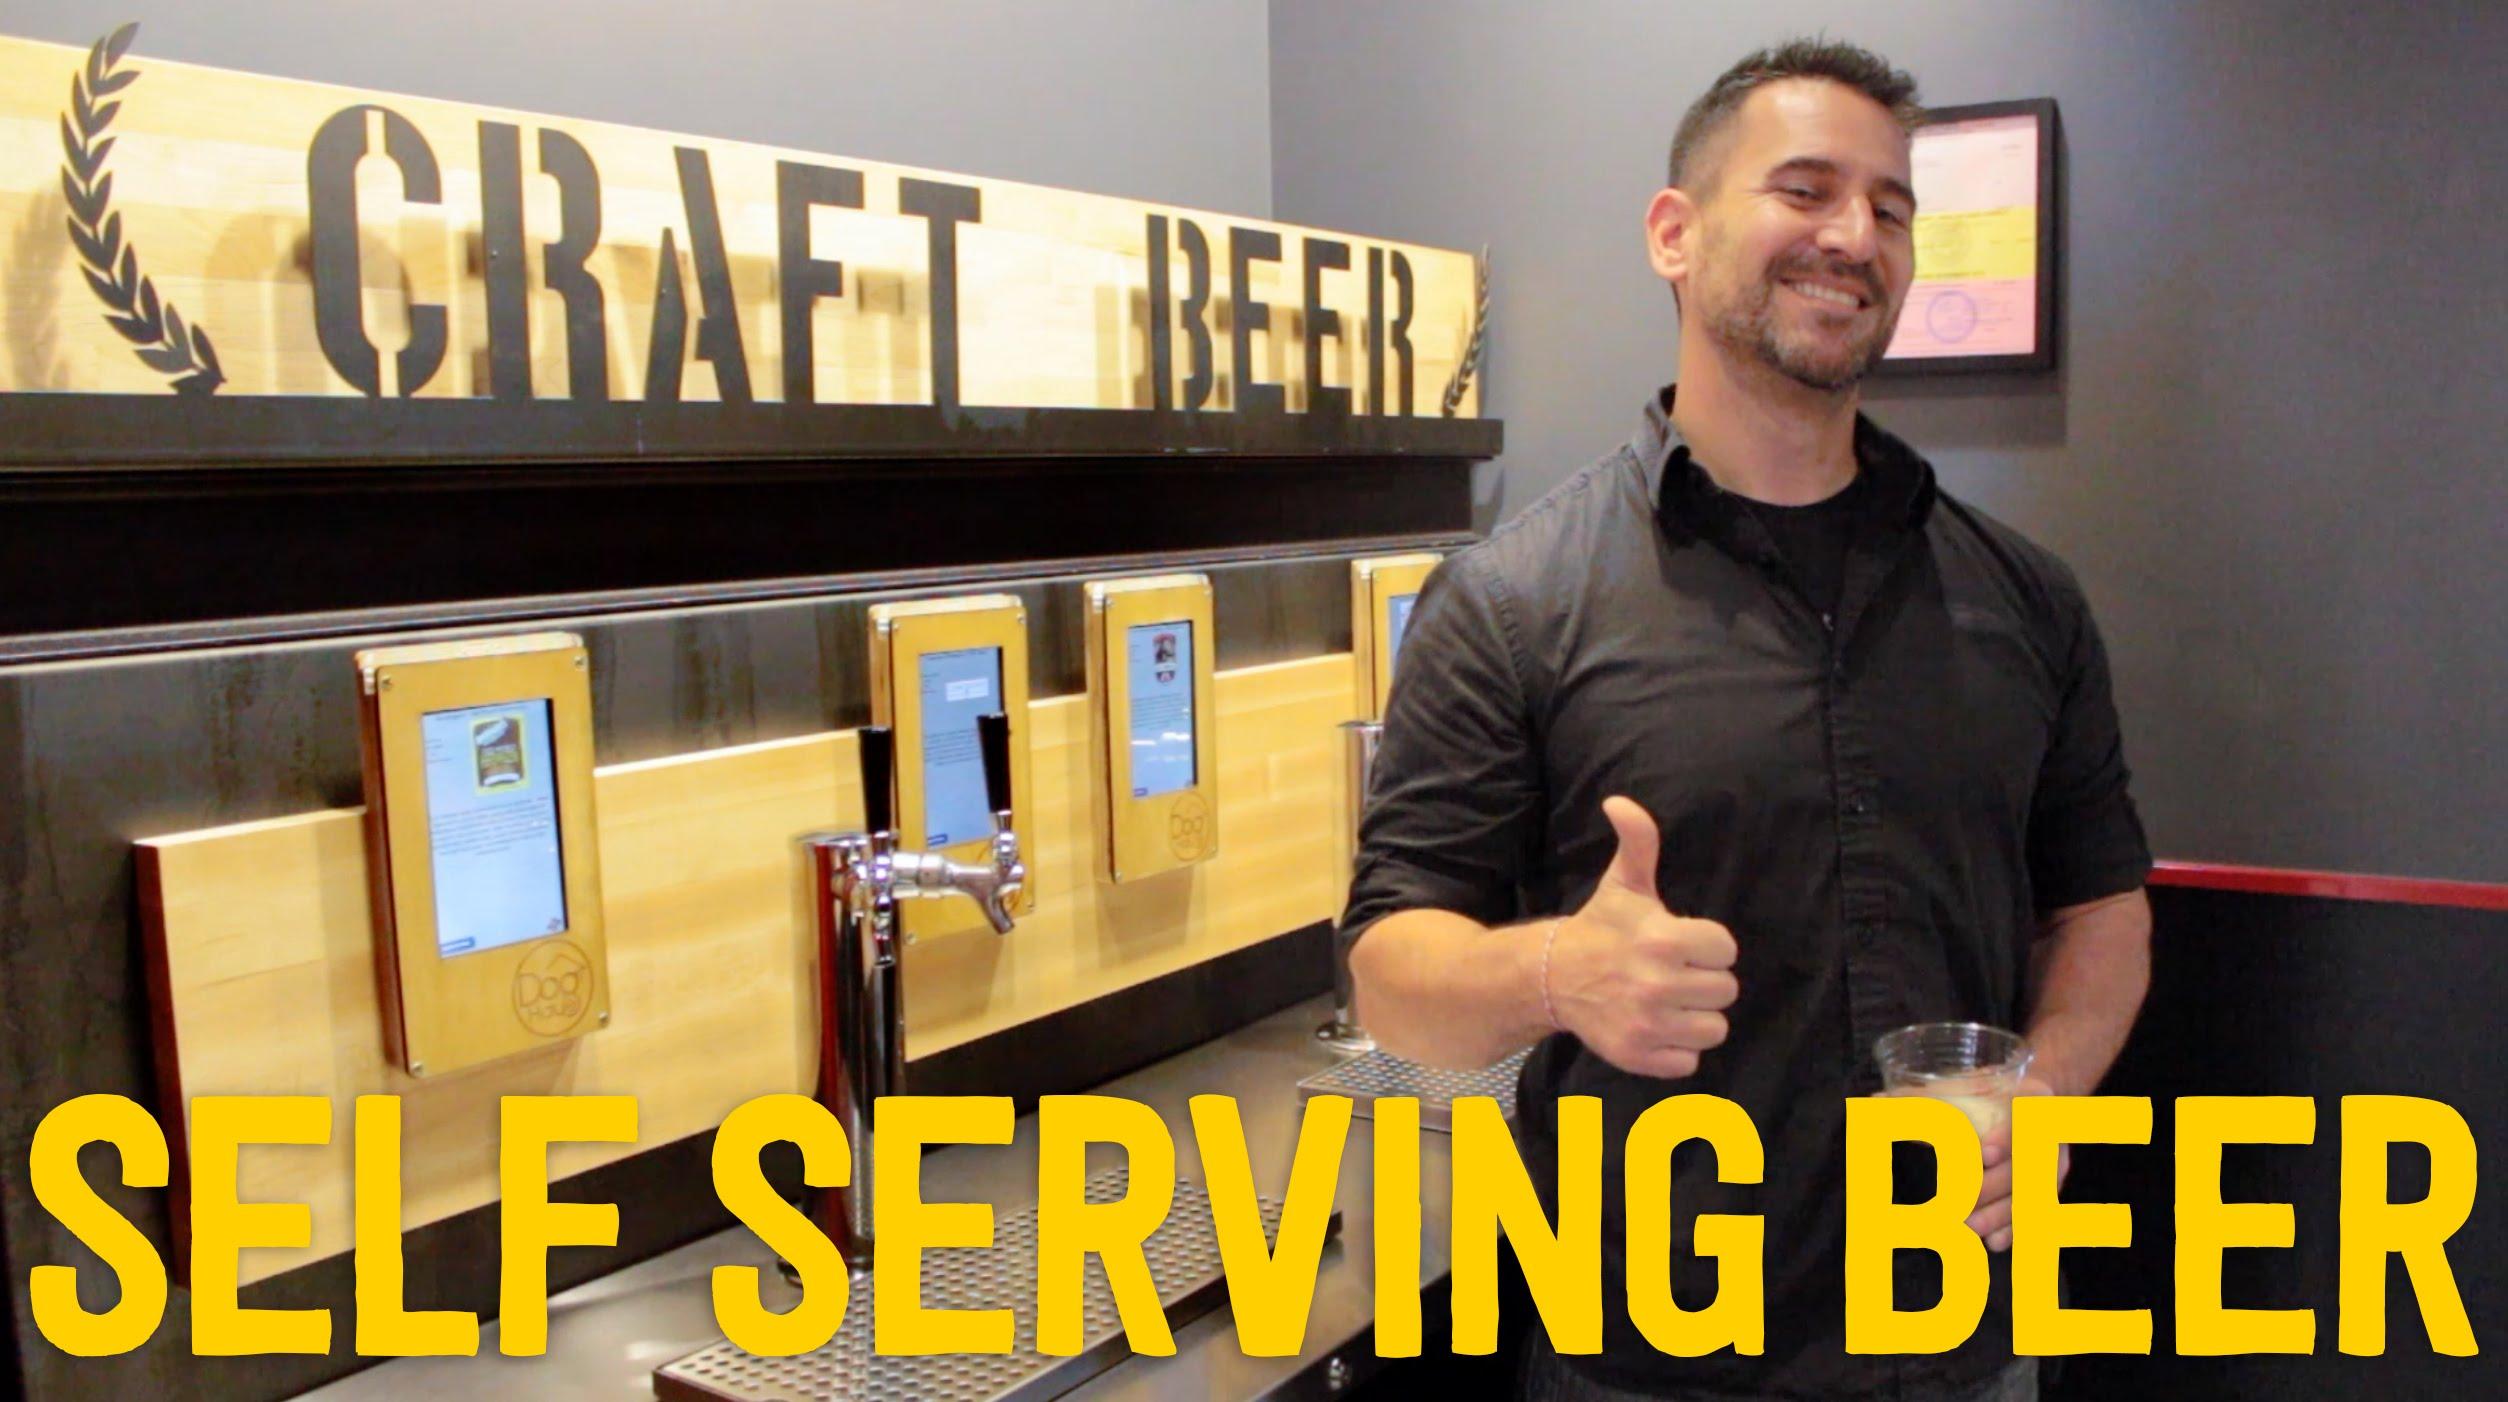 draft beer innovation